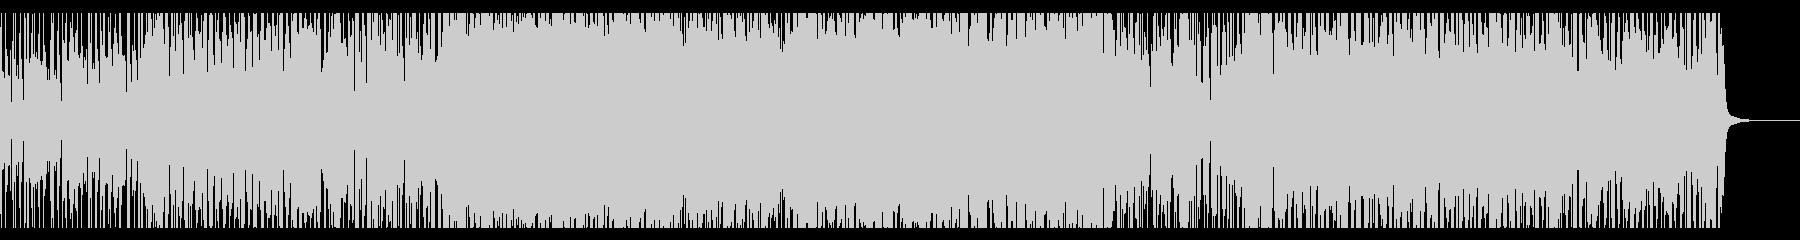 アコギで盛り上がるロックポップスの未再生の波形